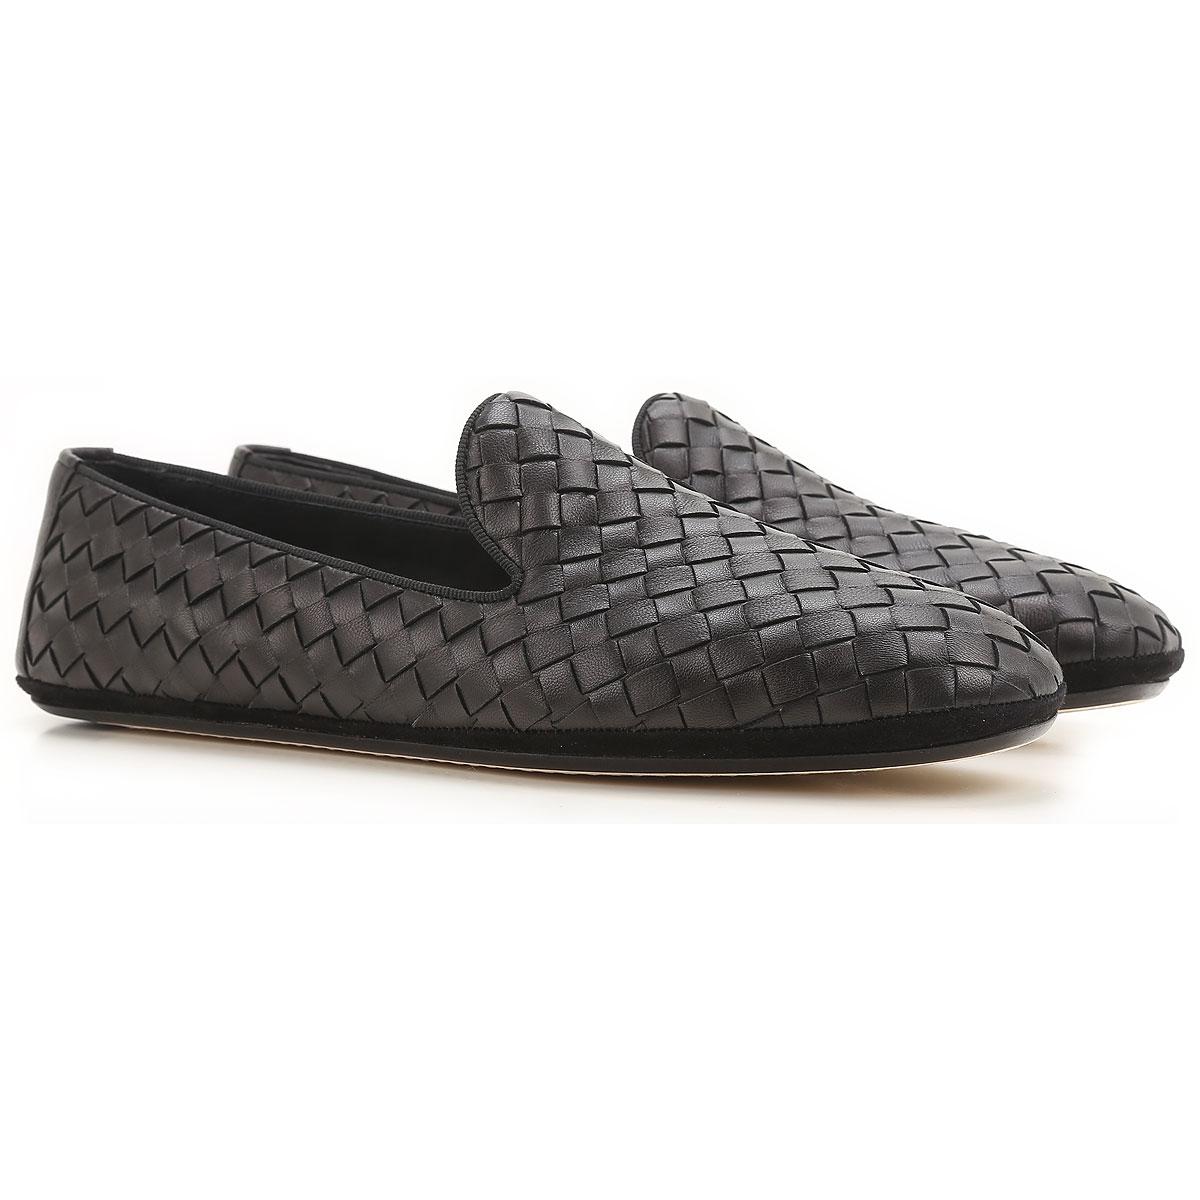 Image of Bottega Veneta Slip on Sneakers for Women On Sale, Black, Leather, 2017, 5 8